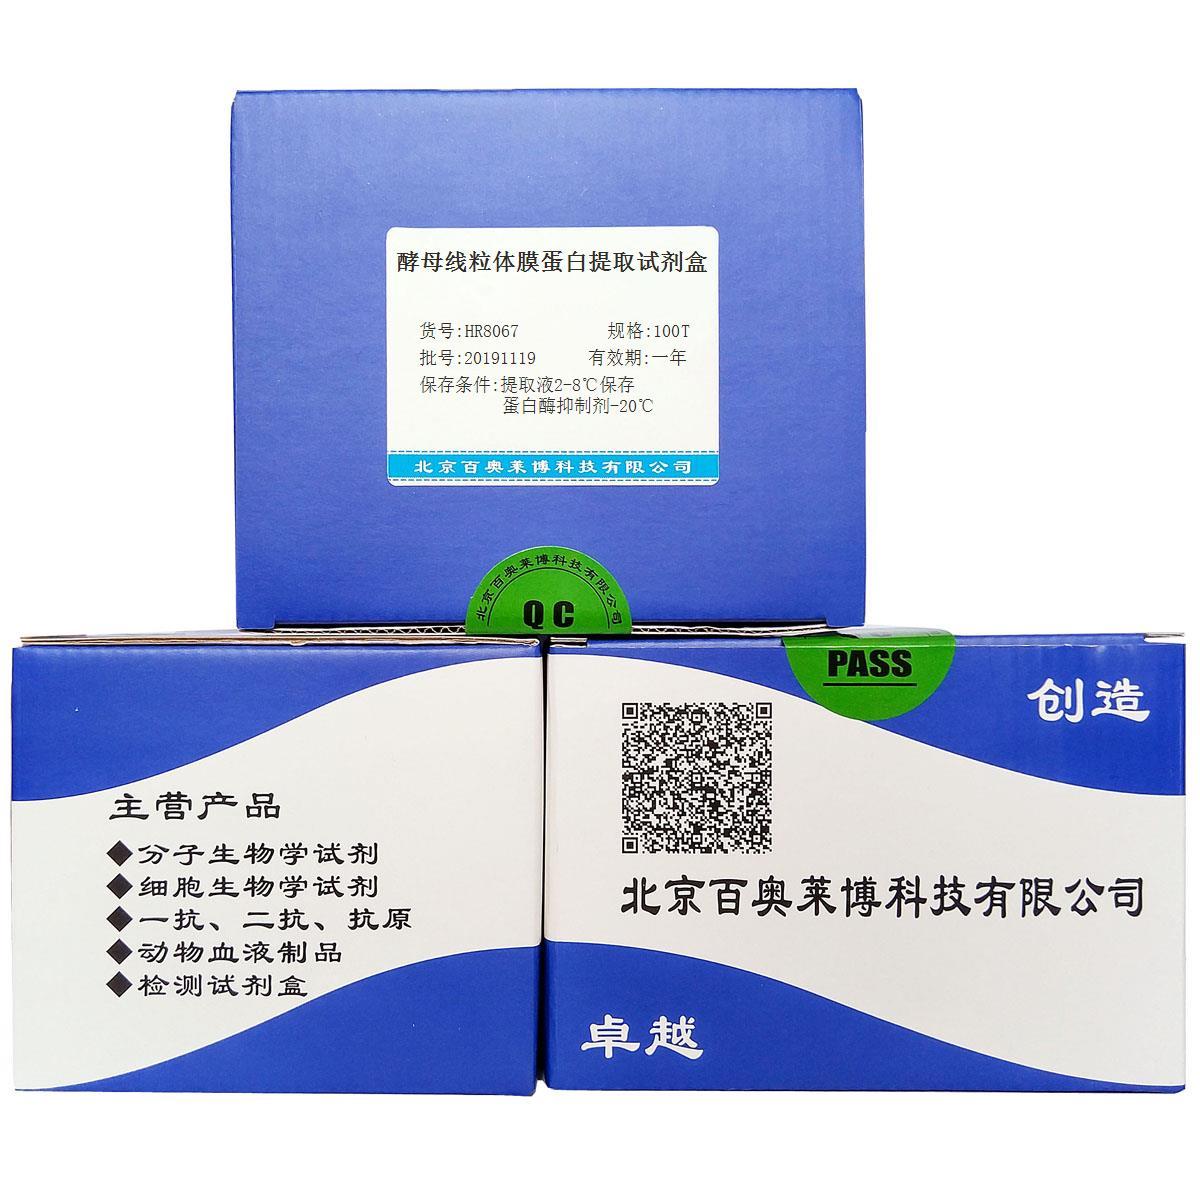 酵母线粒体膜蛋白提取试剂盒北京品牌